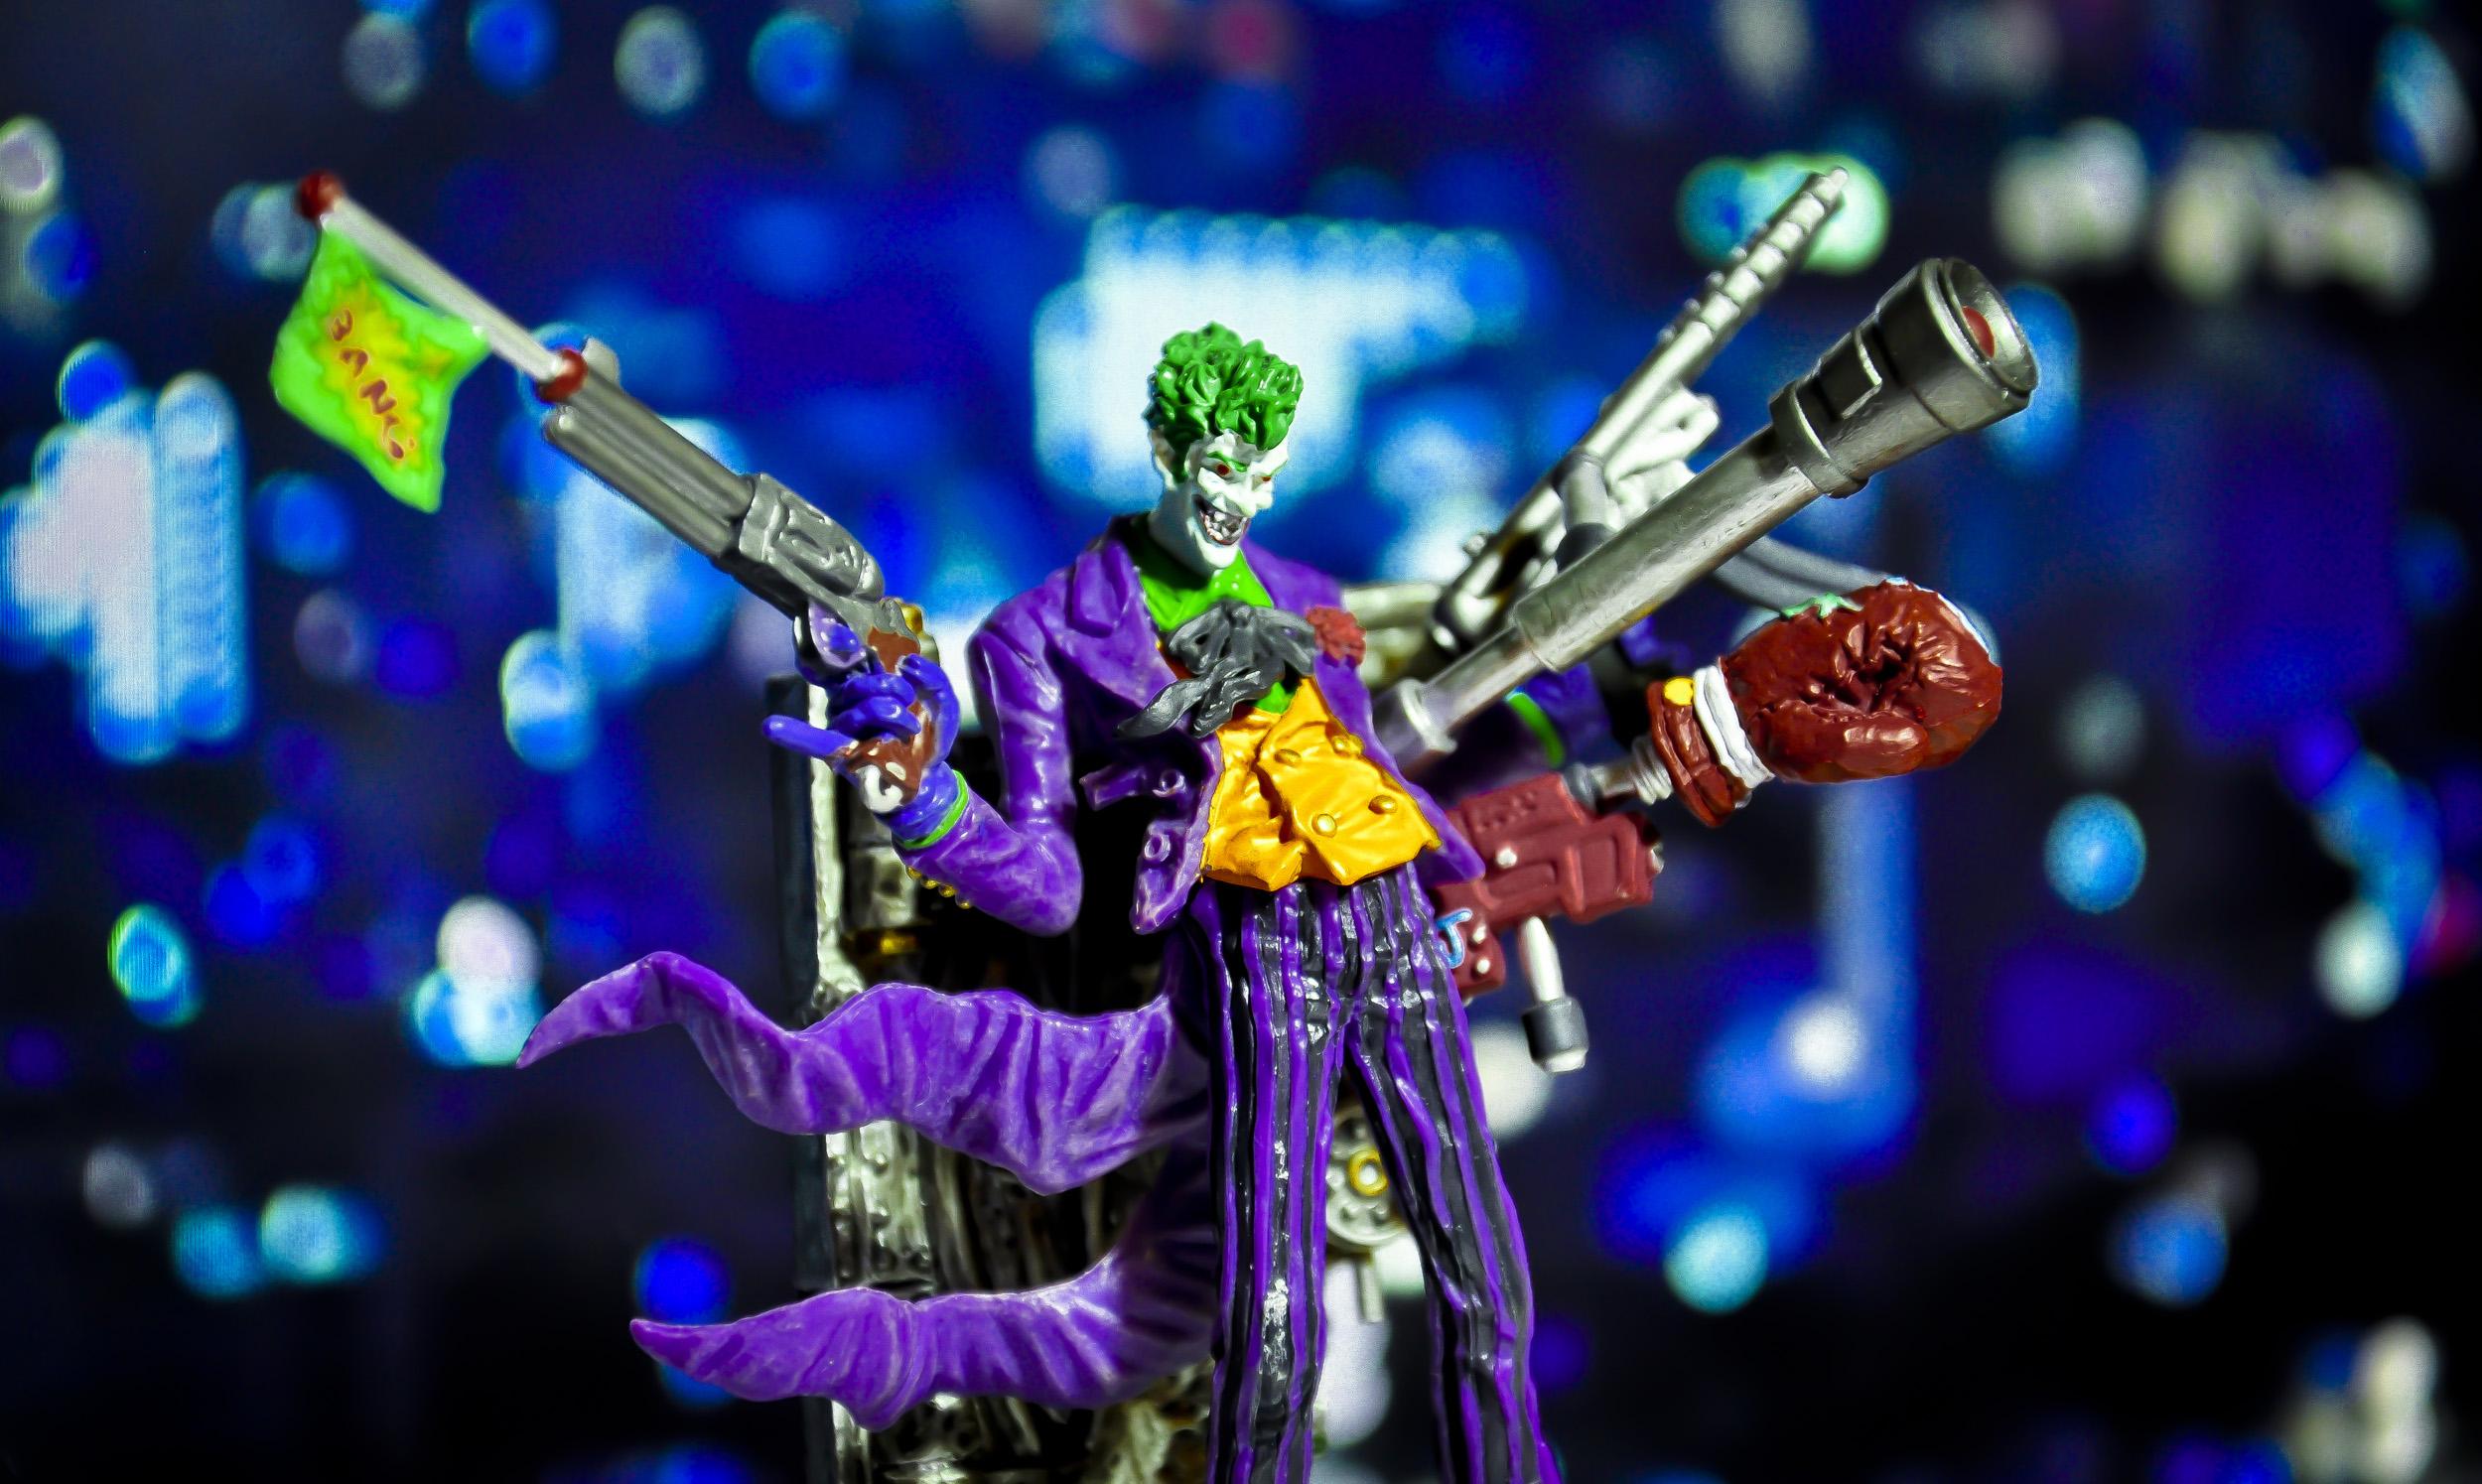 kotobukiya weapons green_eyes joke_weapon batman joker